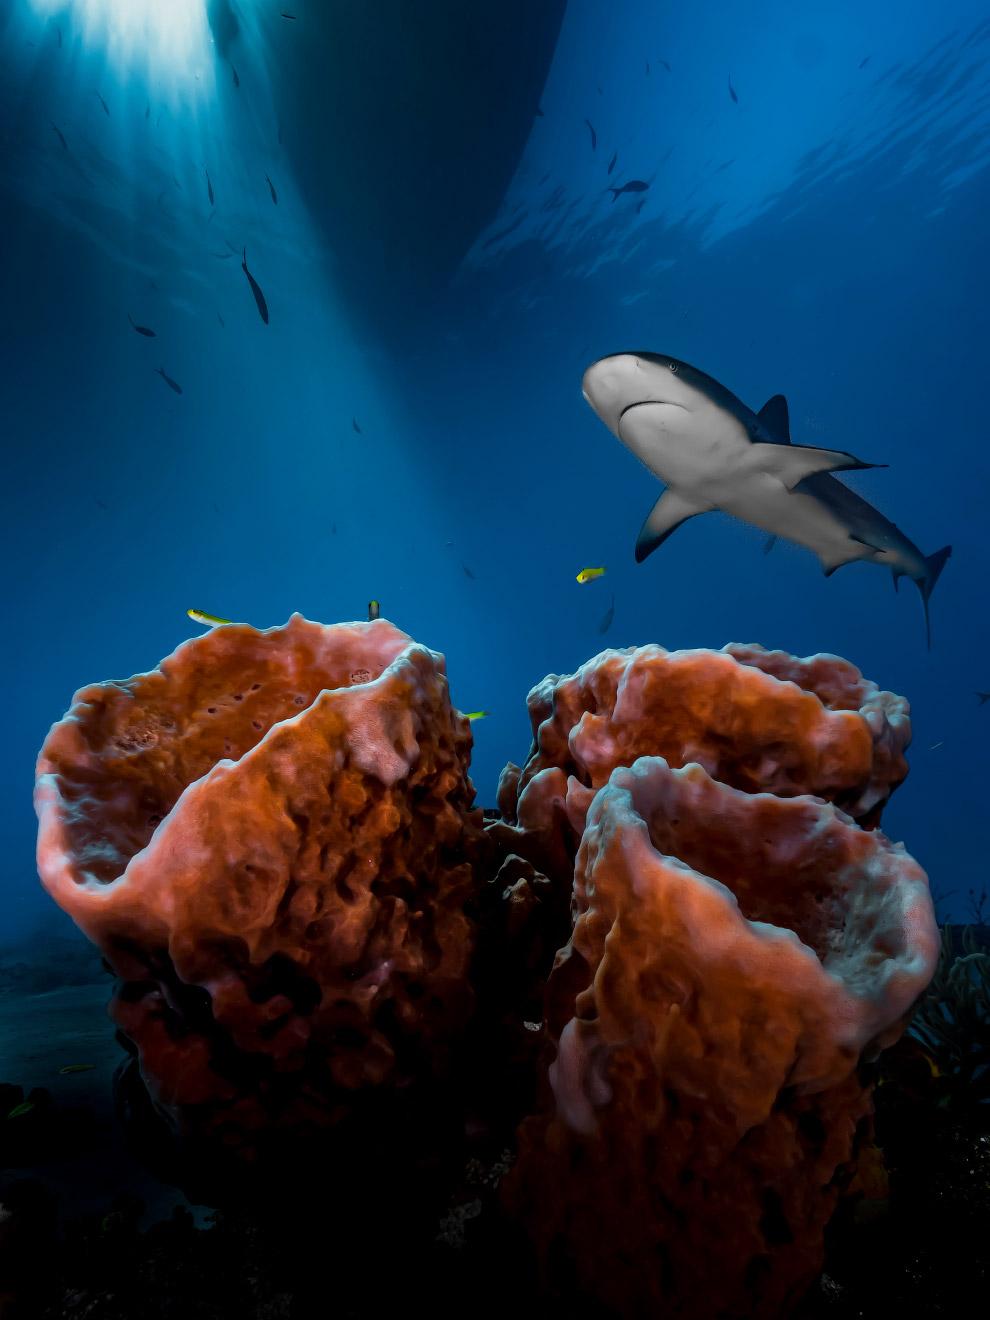 luchshie fotografii podvodnogo mira 2016 goda 2